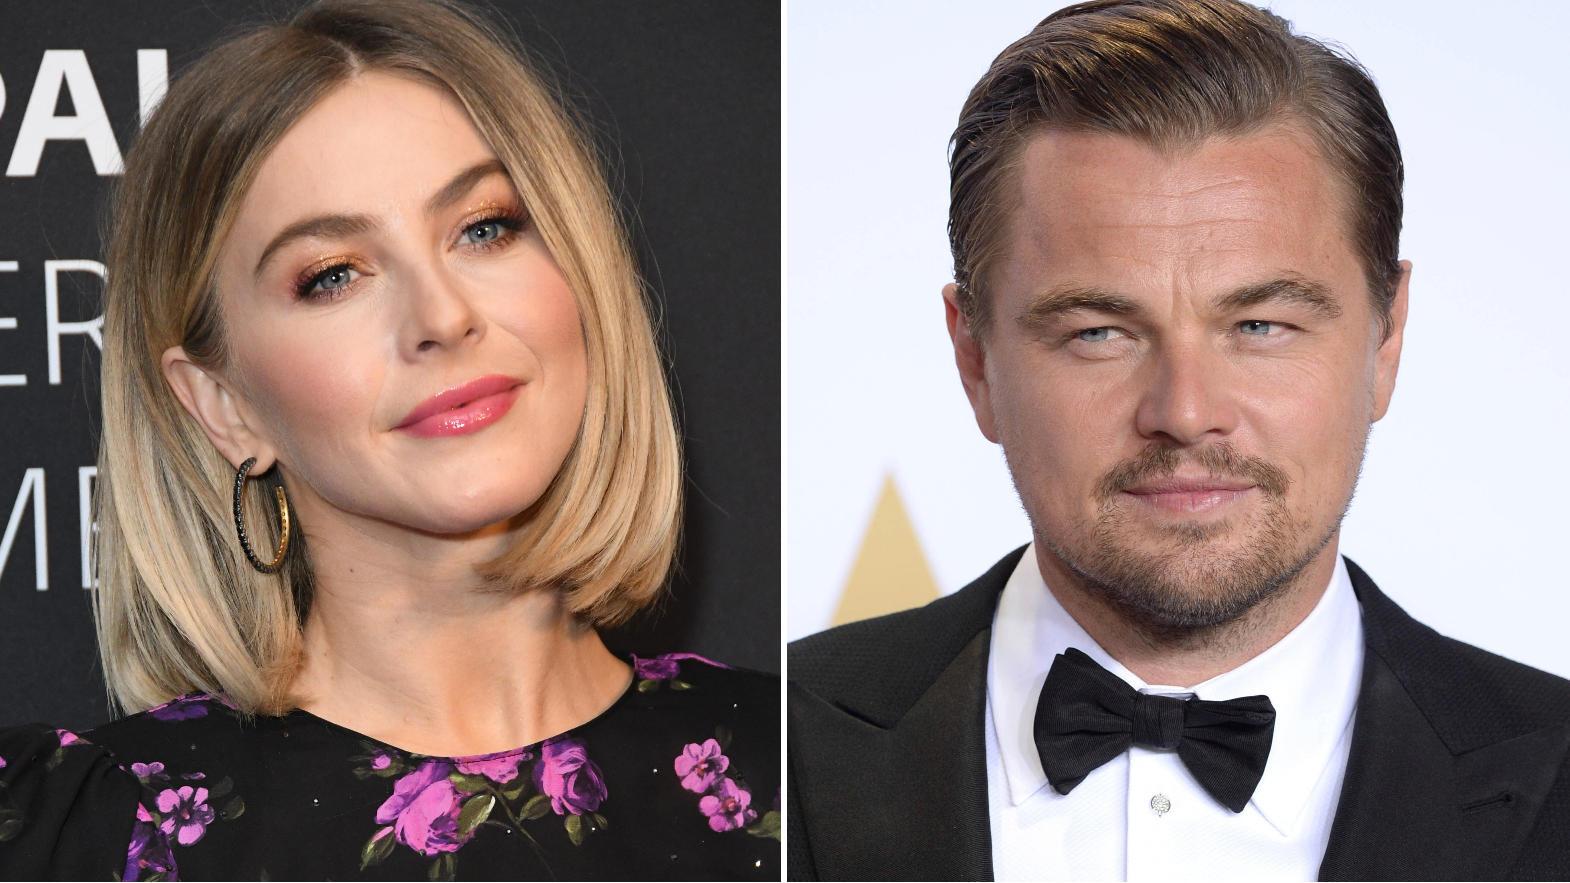 Wenn man dieser Dame Glauben schenkt, soll Leonardo DiCaprio Liebhaber-technisch nicht so talentiert sein, wie vor der Kamera...